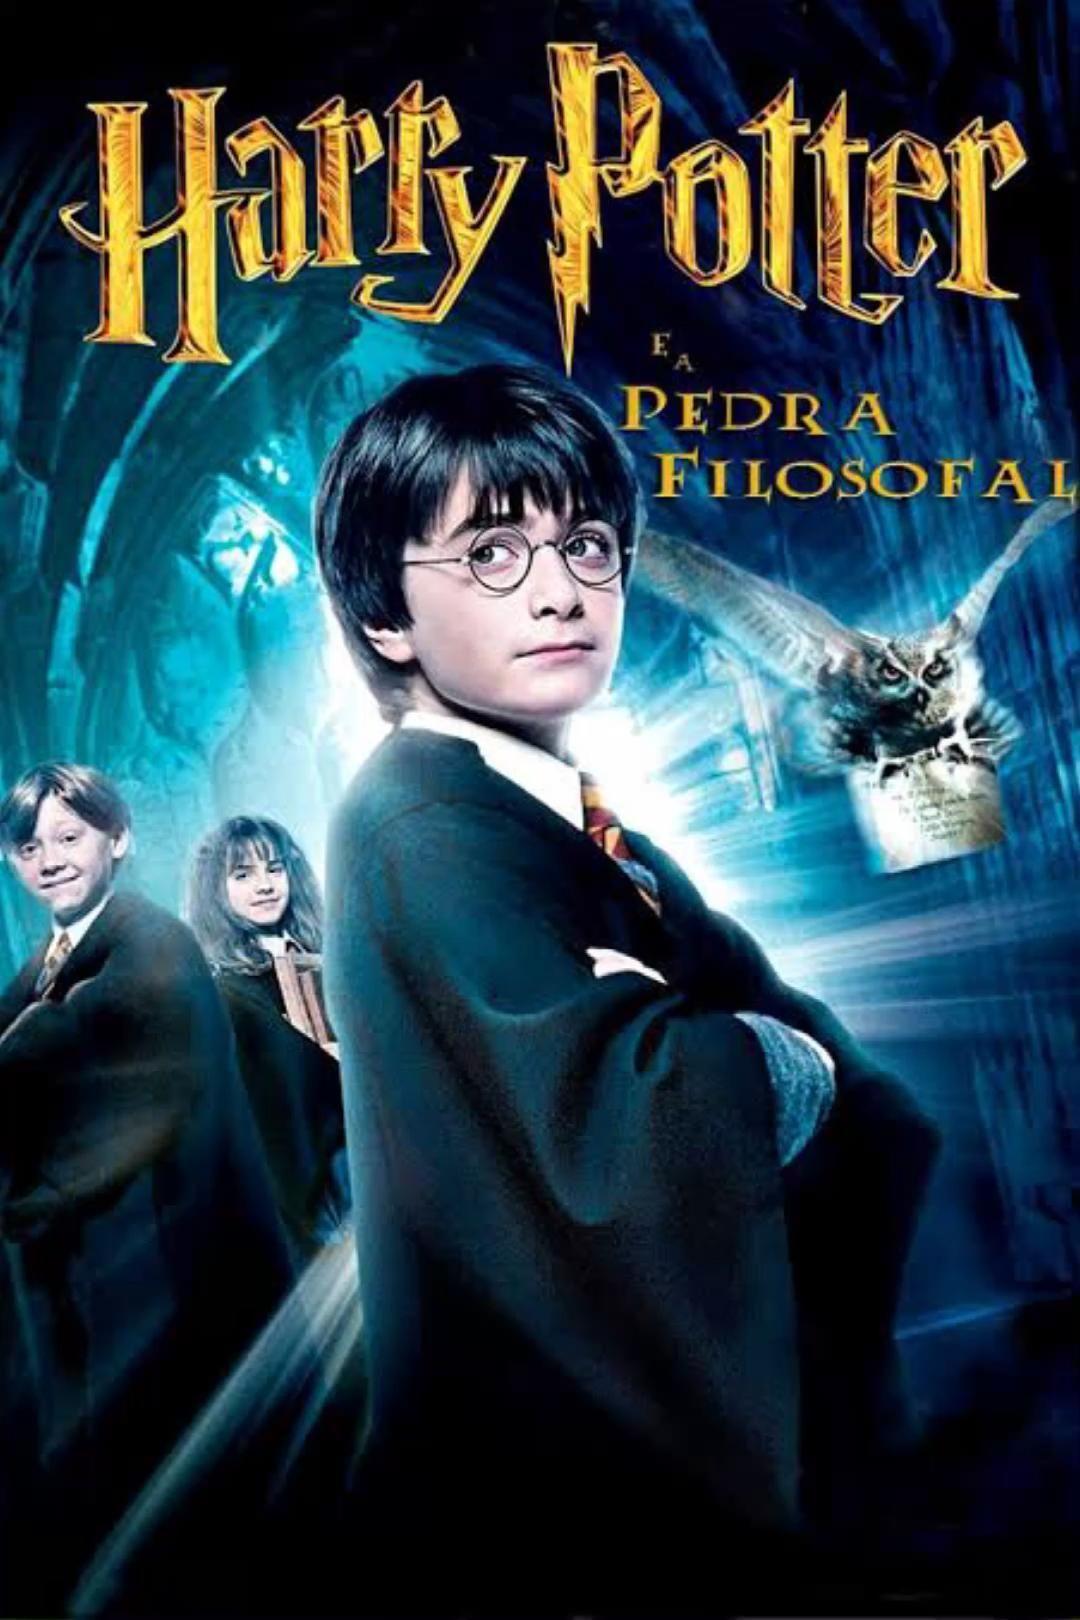 Oigan Cual Es Su Pelicula Favorita De La Saga Video En 2021 Peliculas Online Gratis Ver Peliculas Online Peliculas De Harry Potter